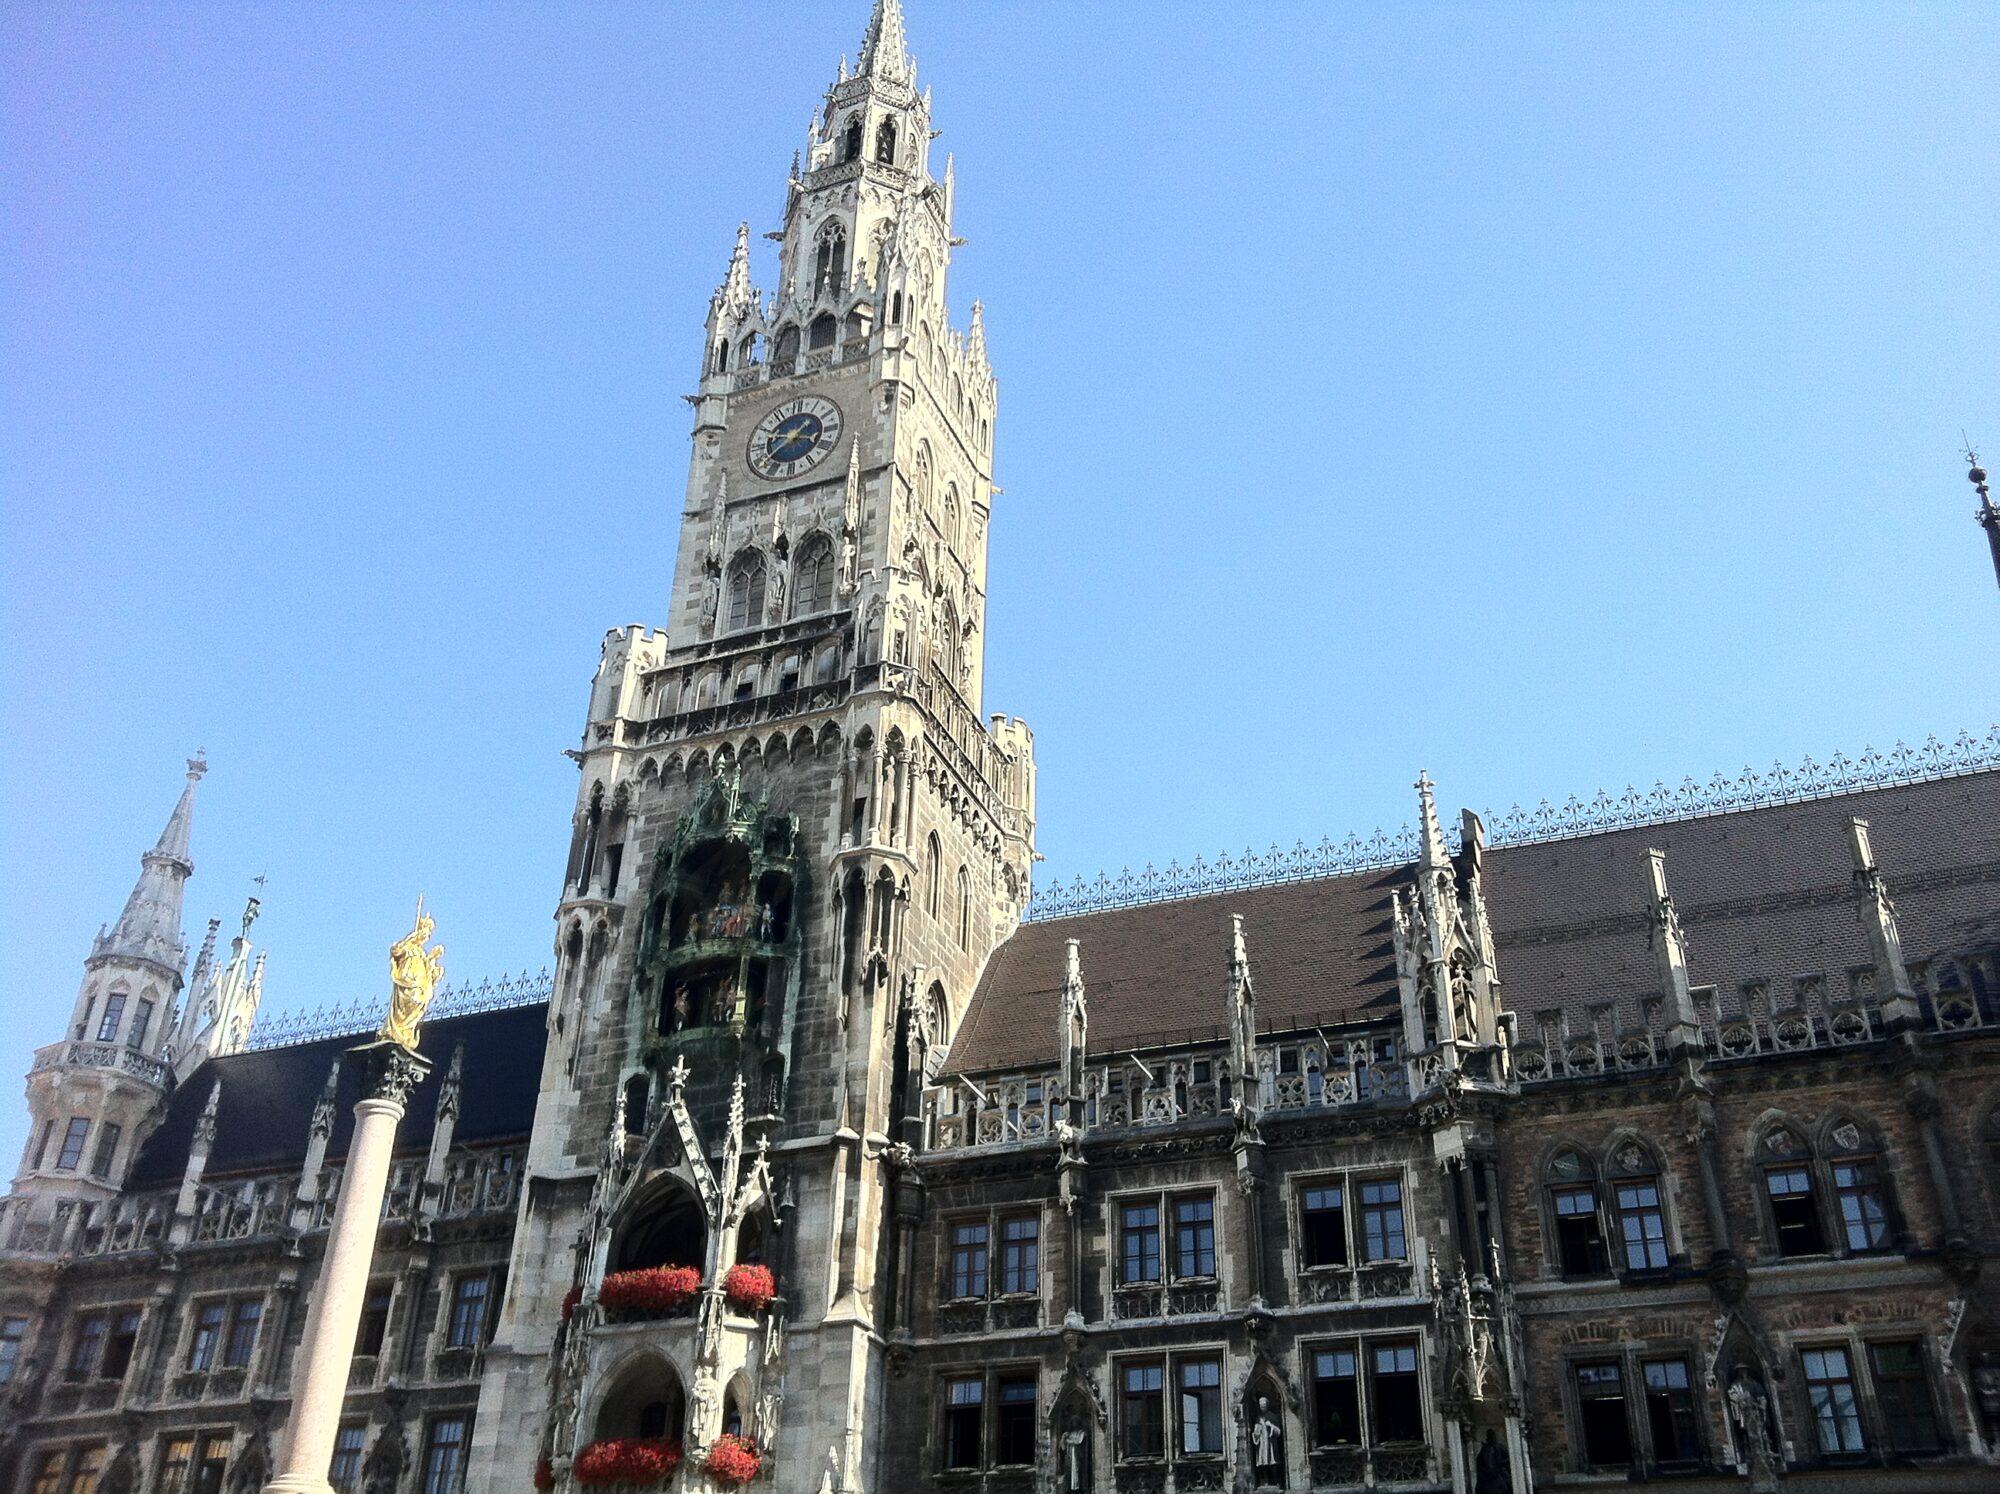 去德國旅行前您要知道哪些規則